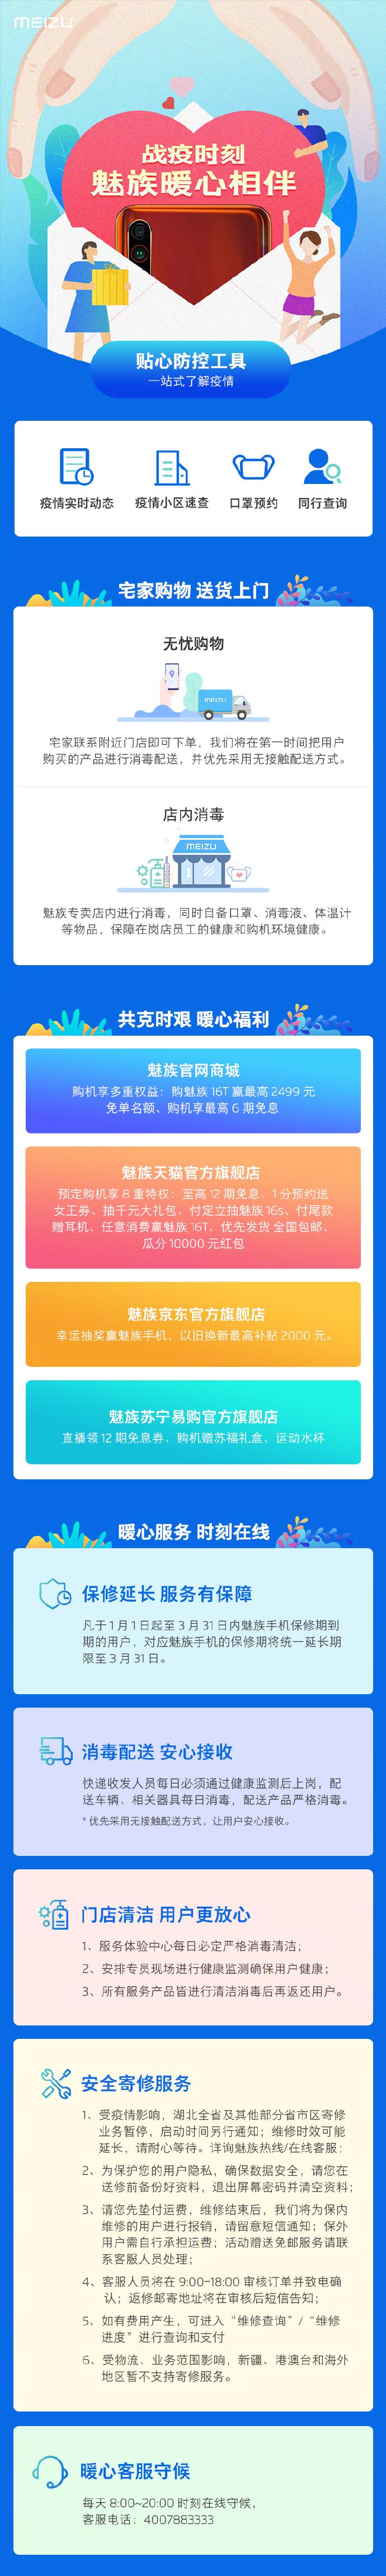 魅族科技发布魅族战疫服务